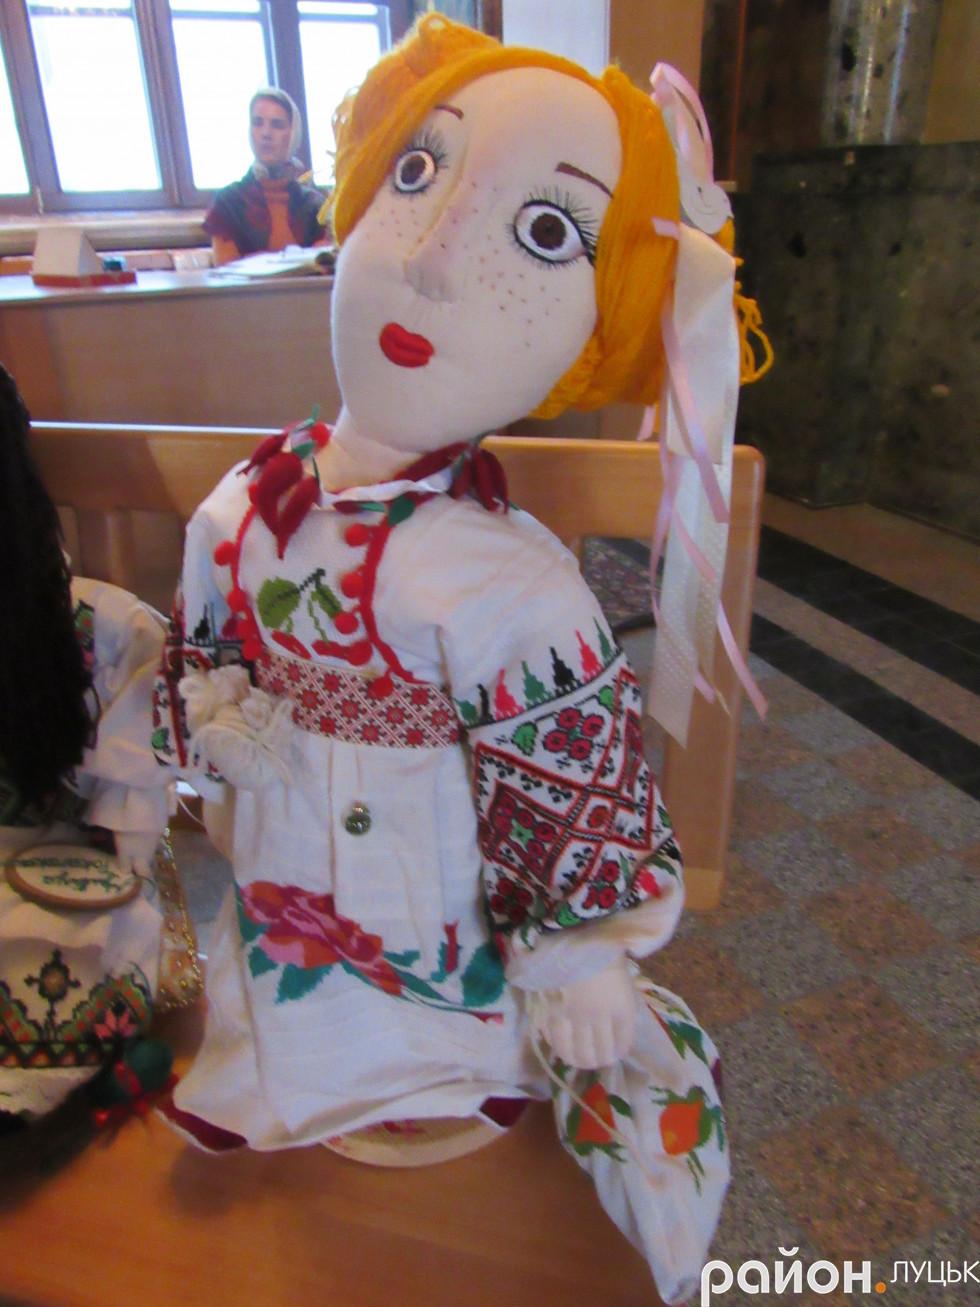 Лялька, зроблена руками луцької майстрині